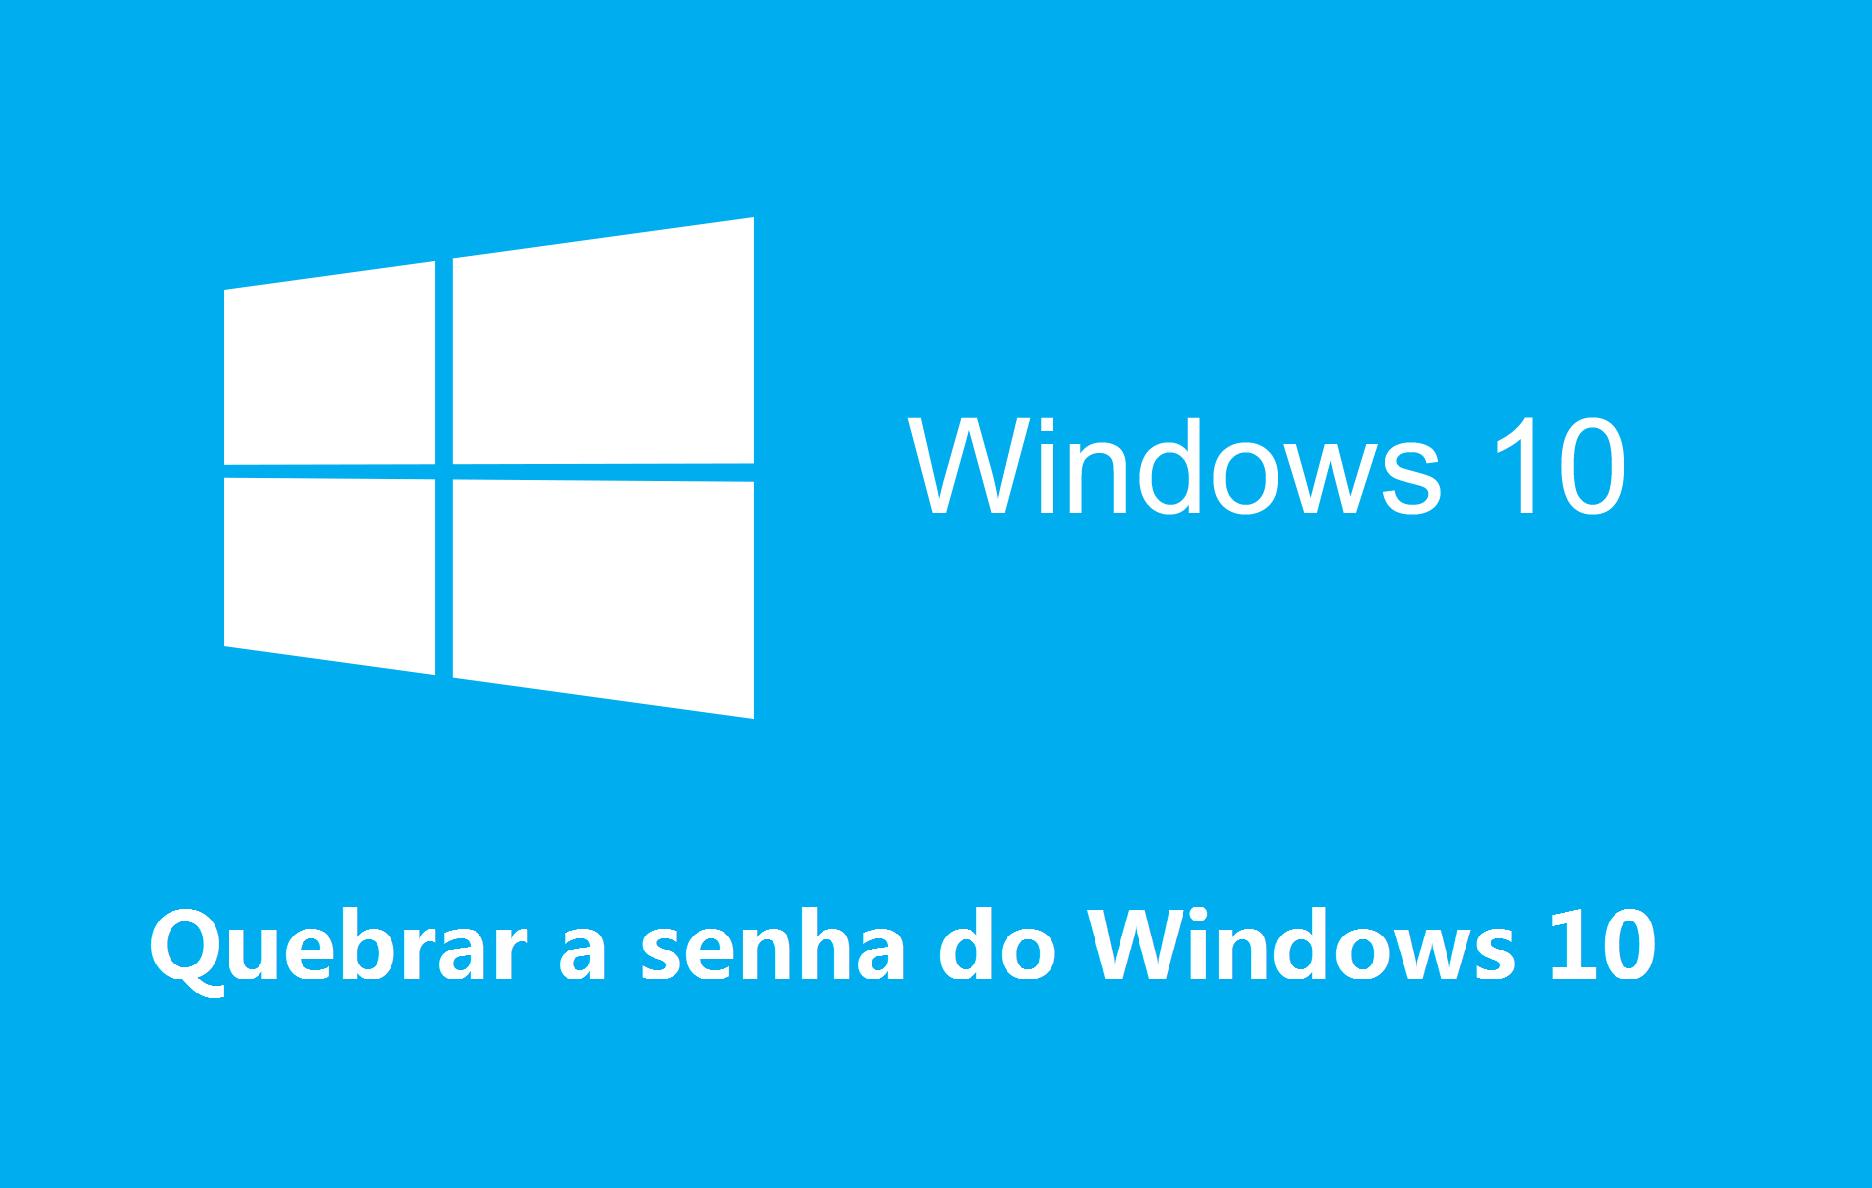 quebrar a senha do Windows 10